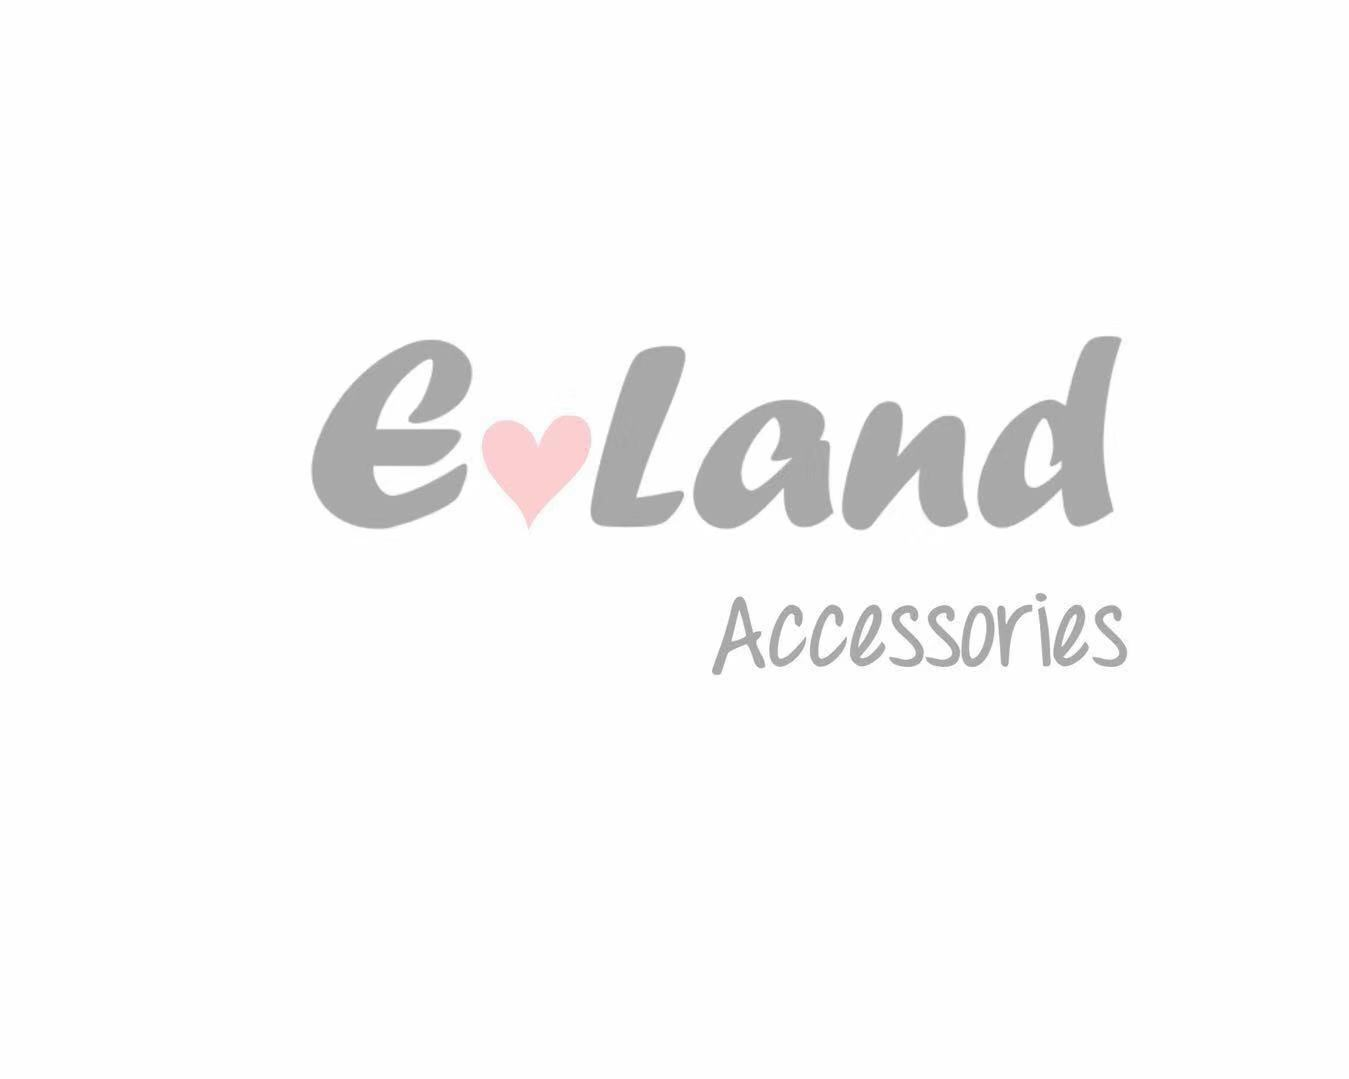 E-land